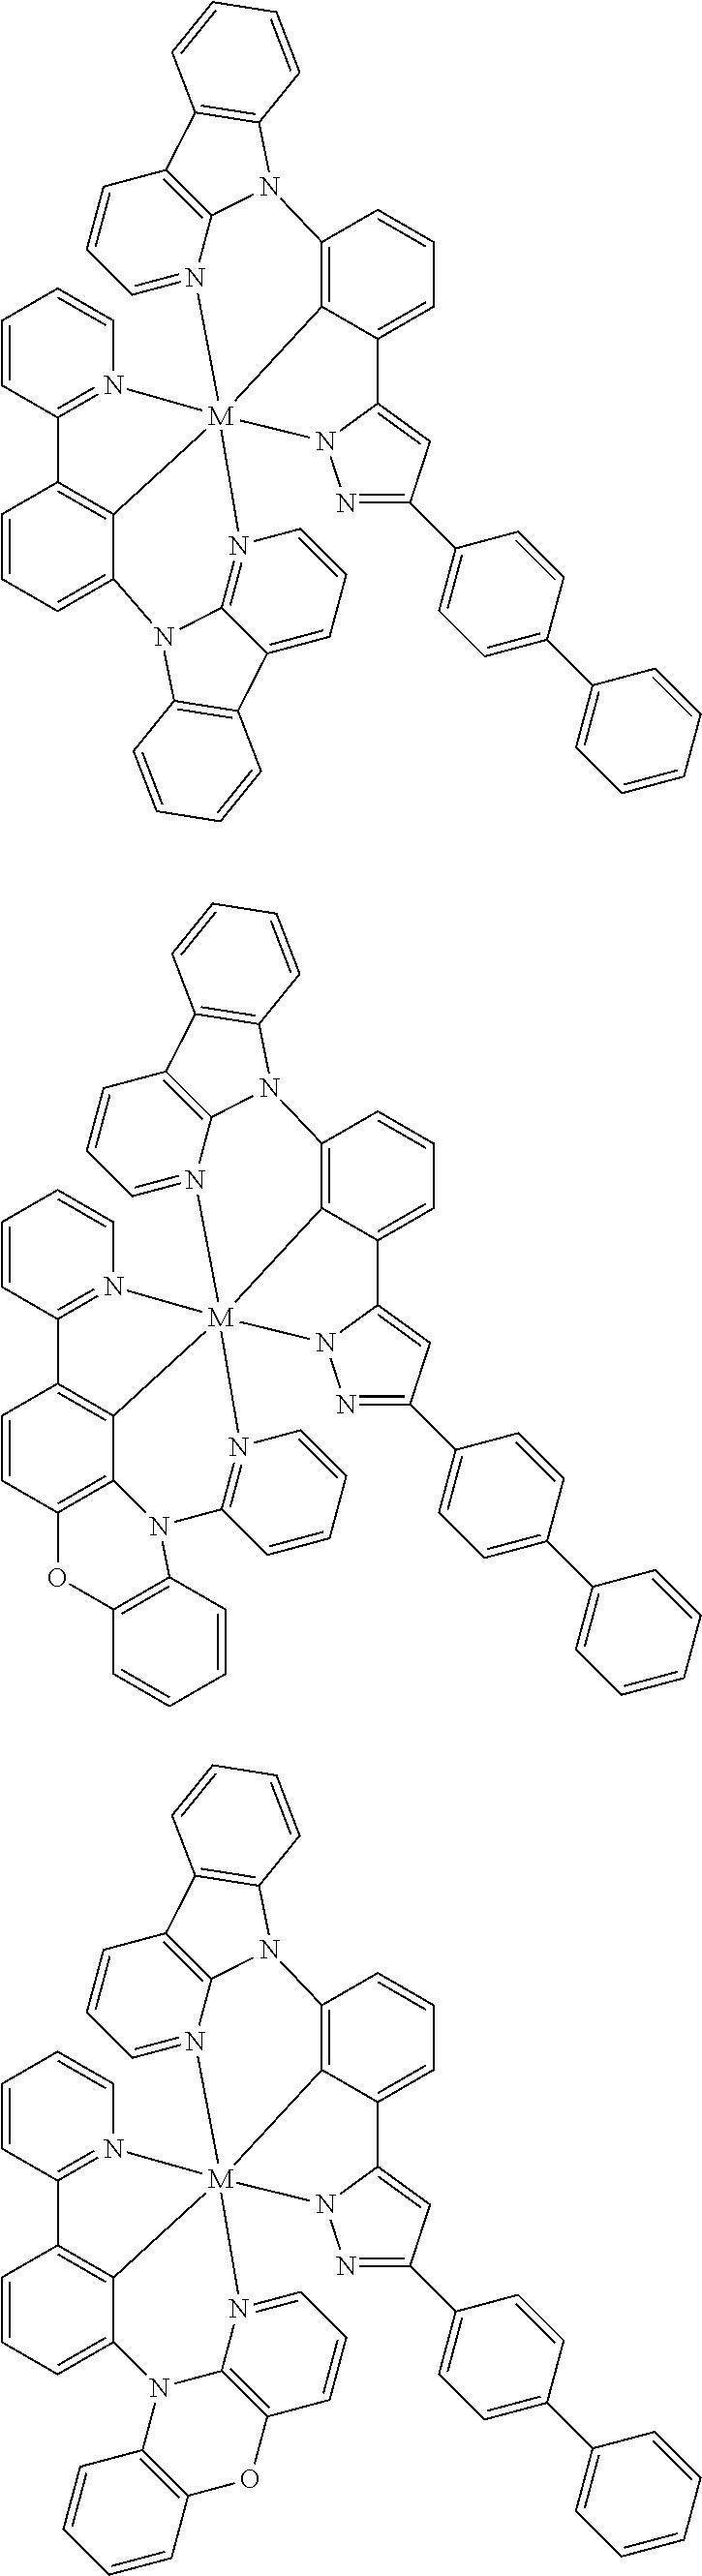 Figure US09818959-20171114-C00430